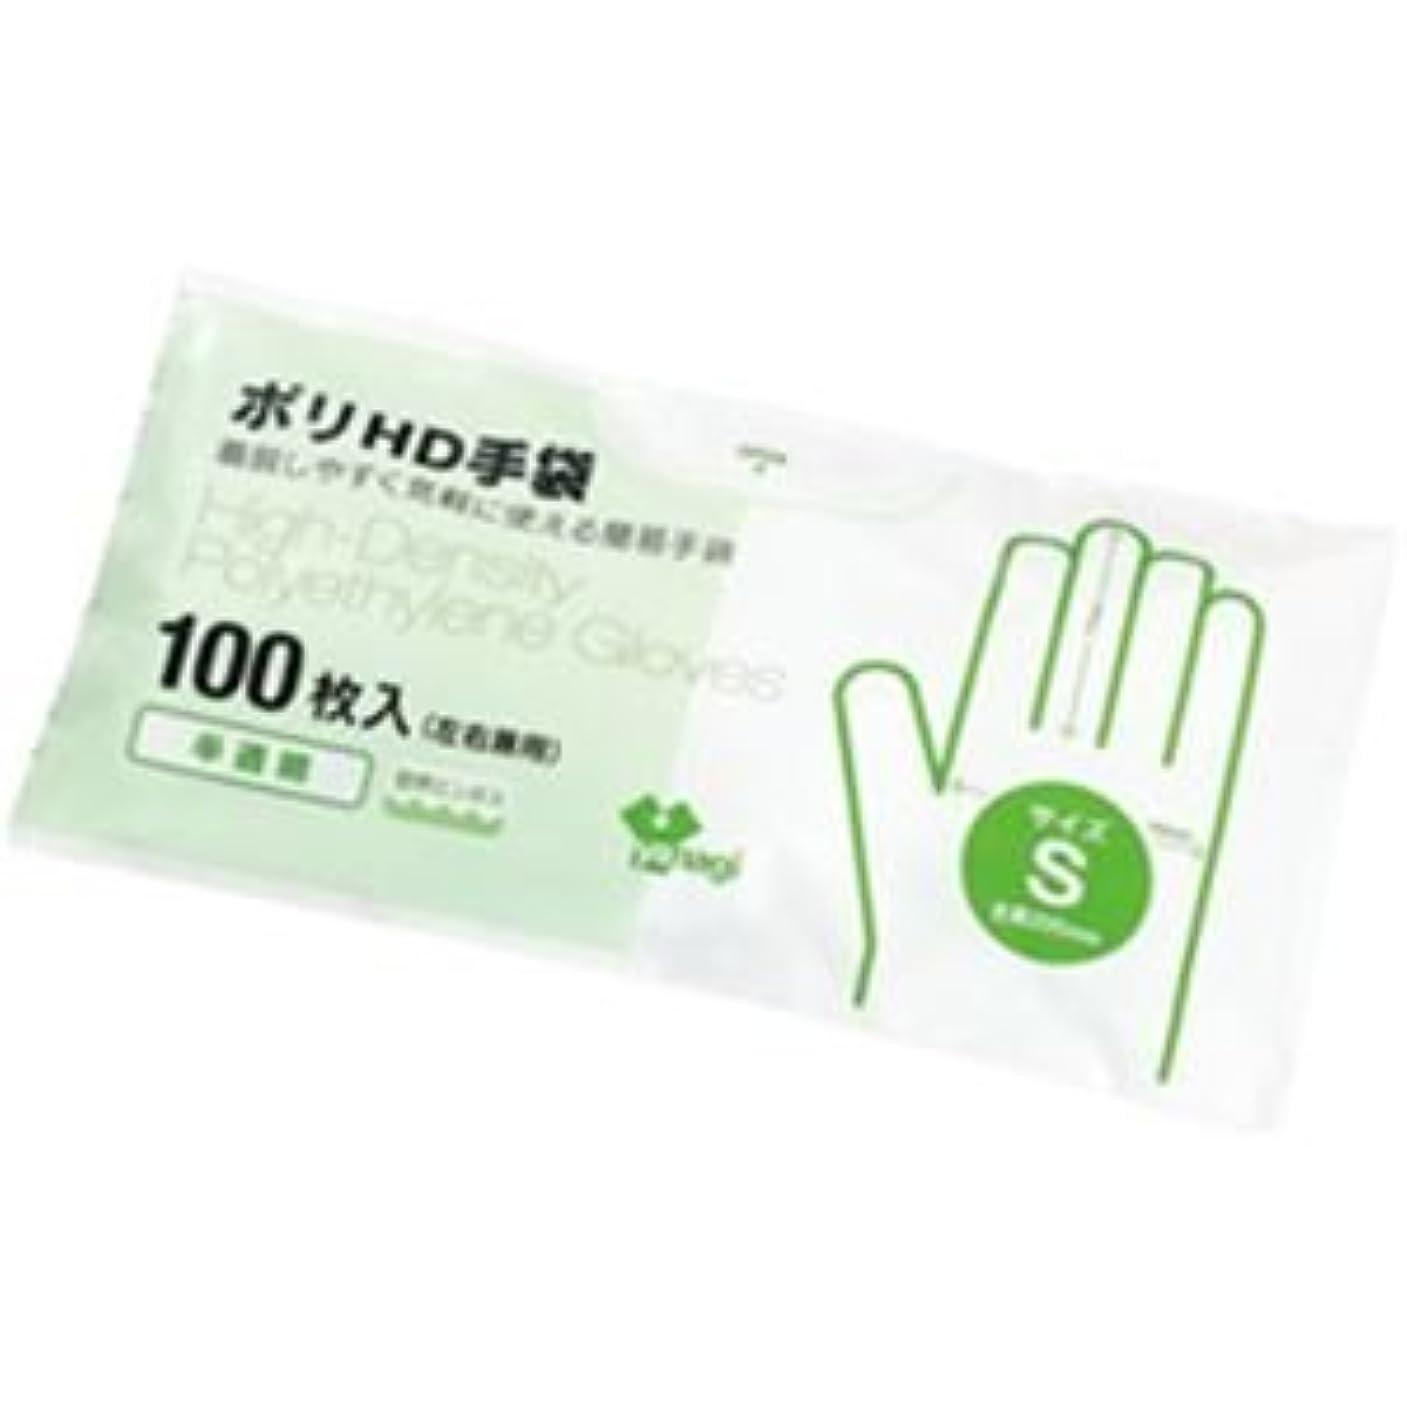 ペイン運命的な効果(業務用セット) やなぎプロダクツ 高密度ポリエチレン手袋 S 半透明 1箱(100枚) 【×30セット】 dS-1638275